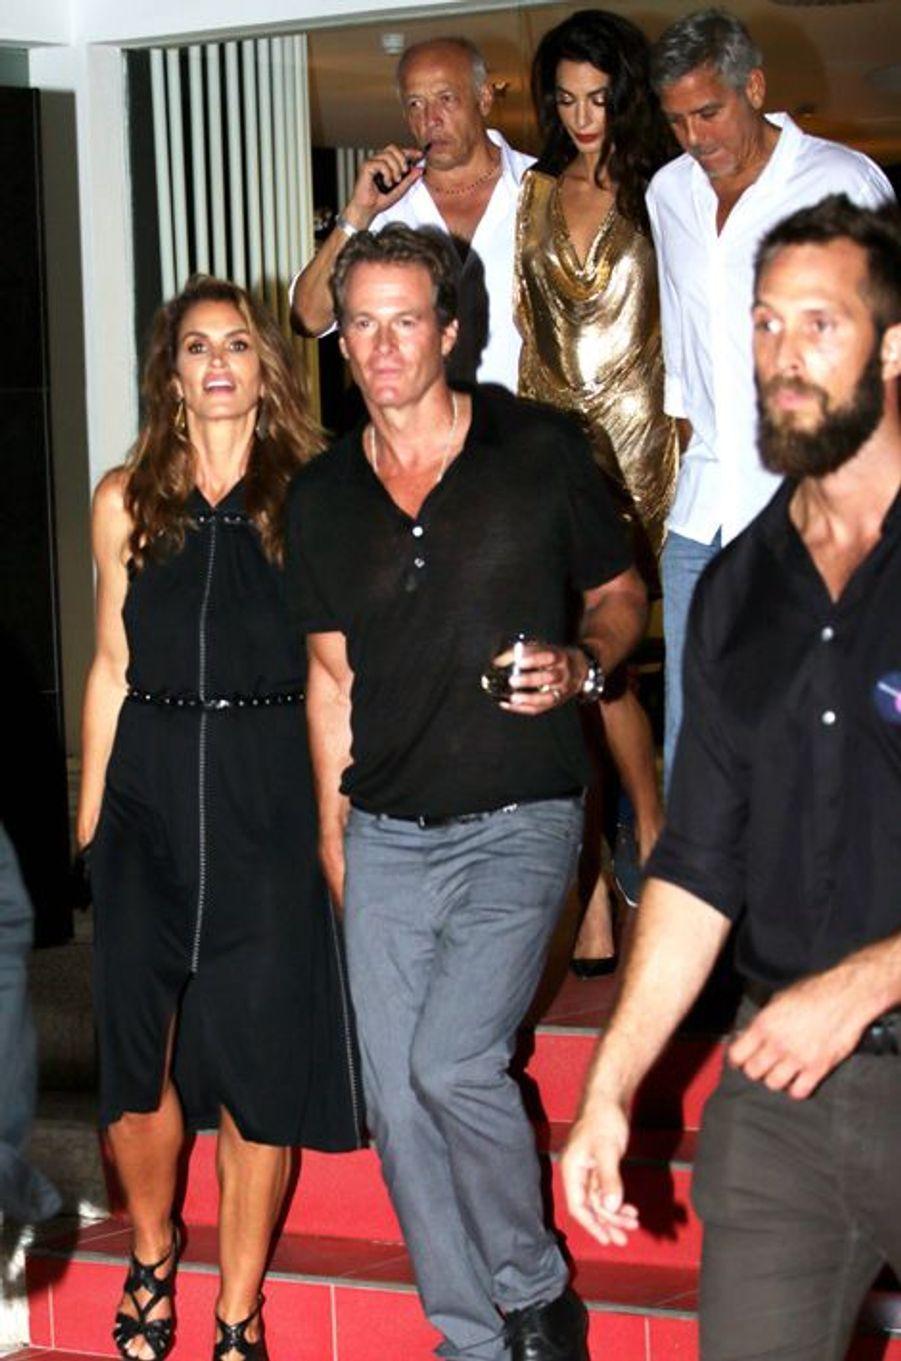 George et Amal Clooney ont passé le week-end dernier à Ibiza avec leurs amis pour le lancement de leur nouvelle marque de tequila.